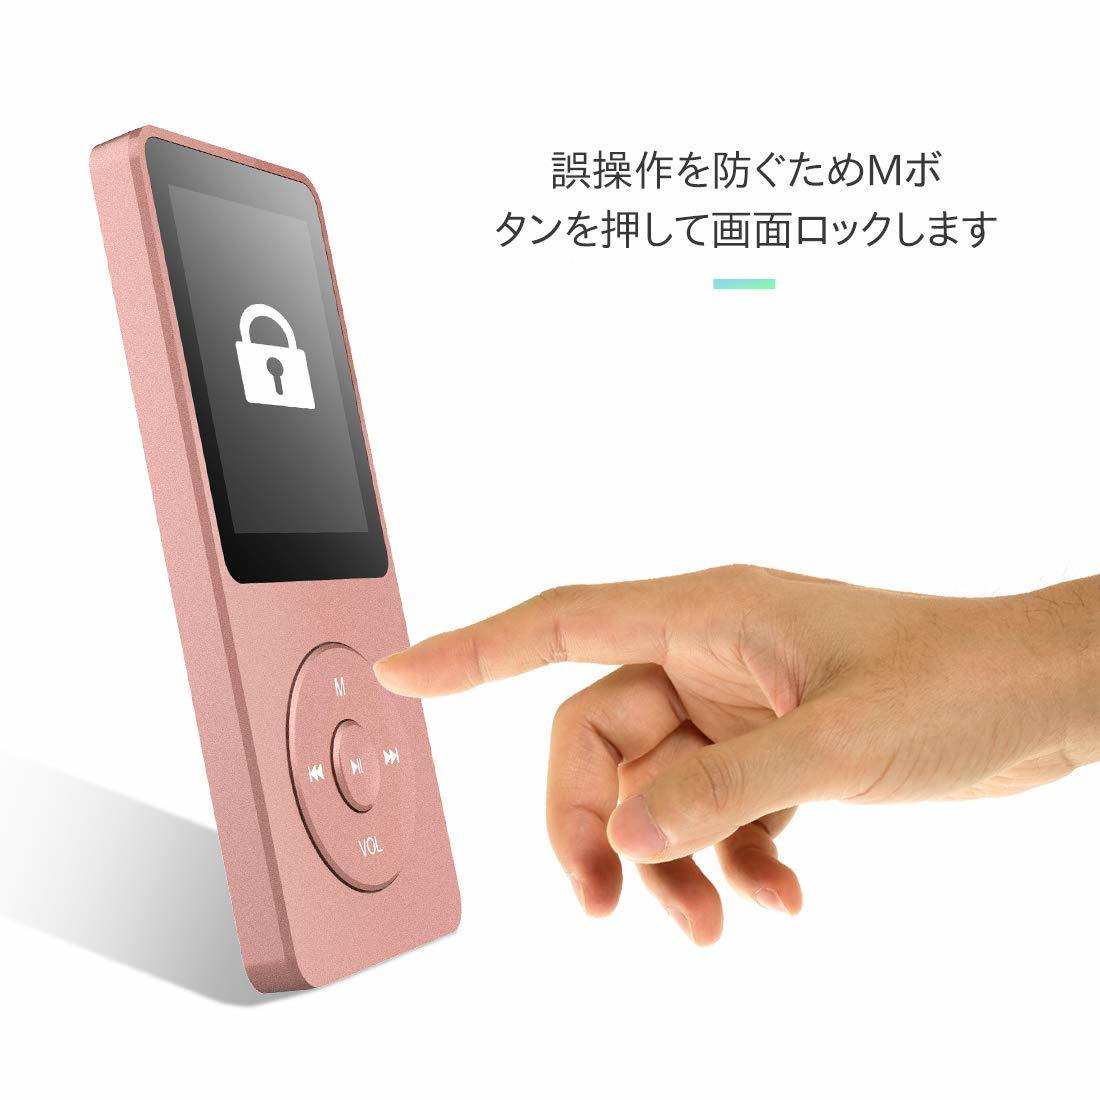 ★新品・未使用★ Bluetooth4.0 MP3プレーヤー HIFI高音質 超軽量 歩数計/FMラジオ 多機能 内蔵8GB マイクロSDカード128GBまで対応_画像2